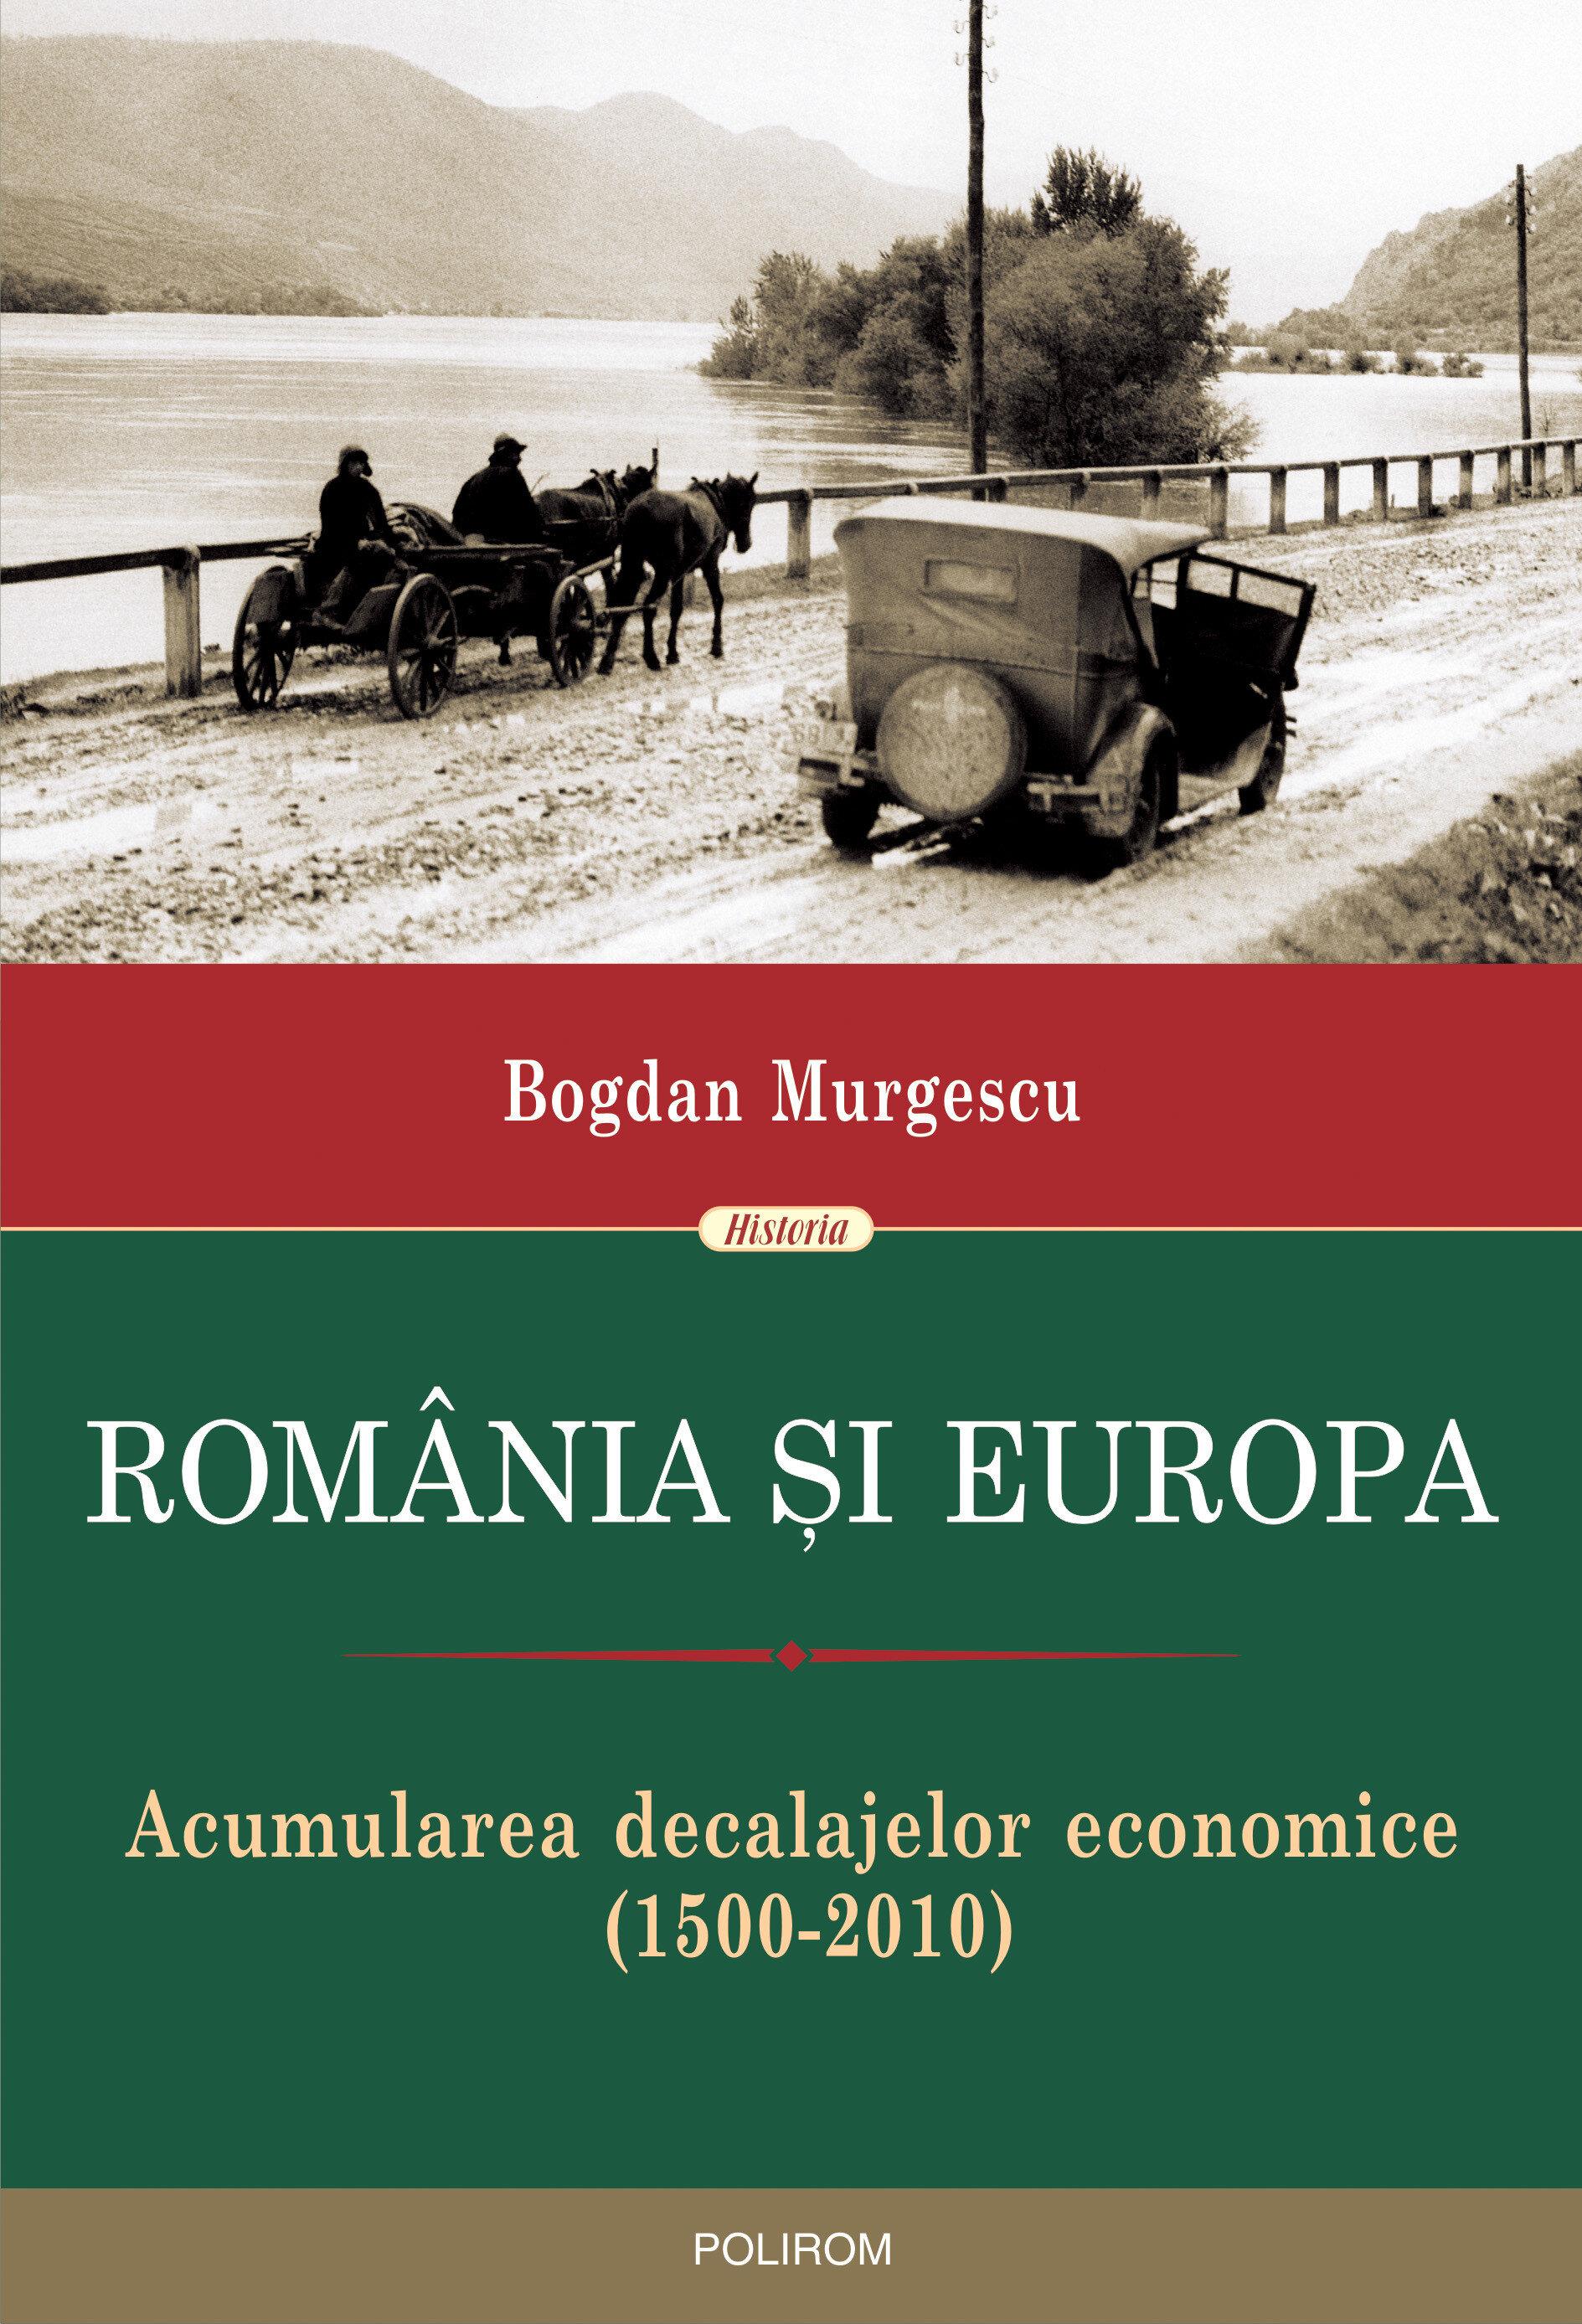 Romania si Europa. Acumularea decalajelor economice (1500-2010) (eBook)